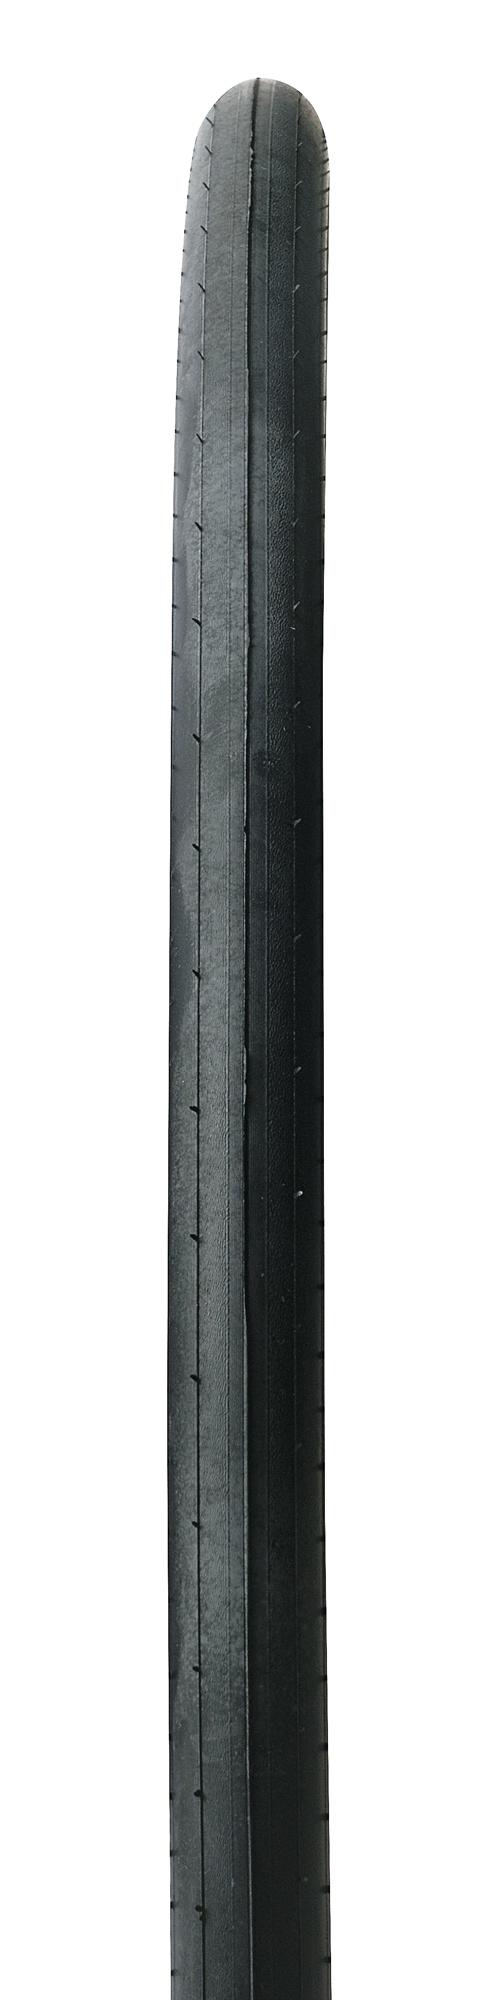 plášť HUTCH.EQUINOX 2 700x23 drát, černý